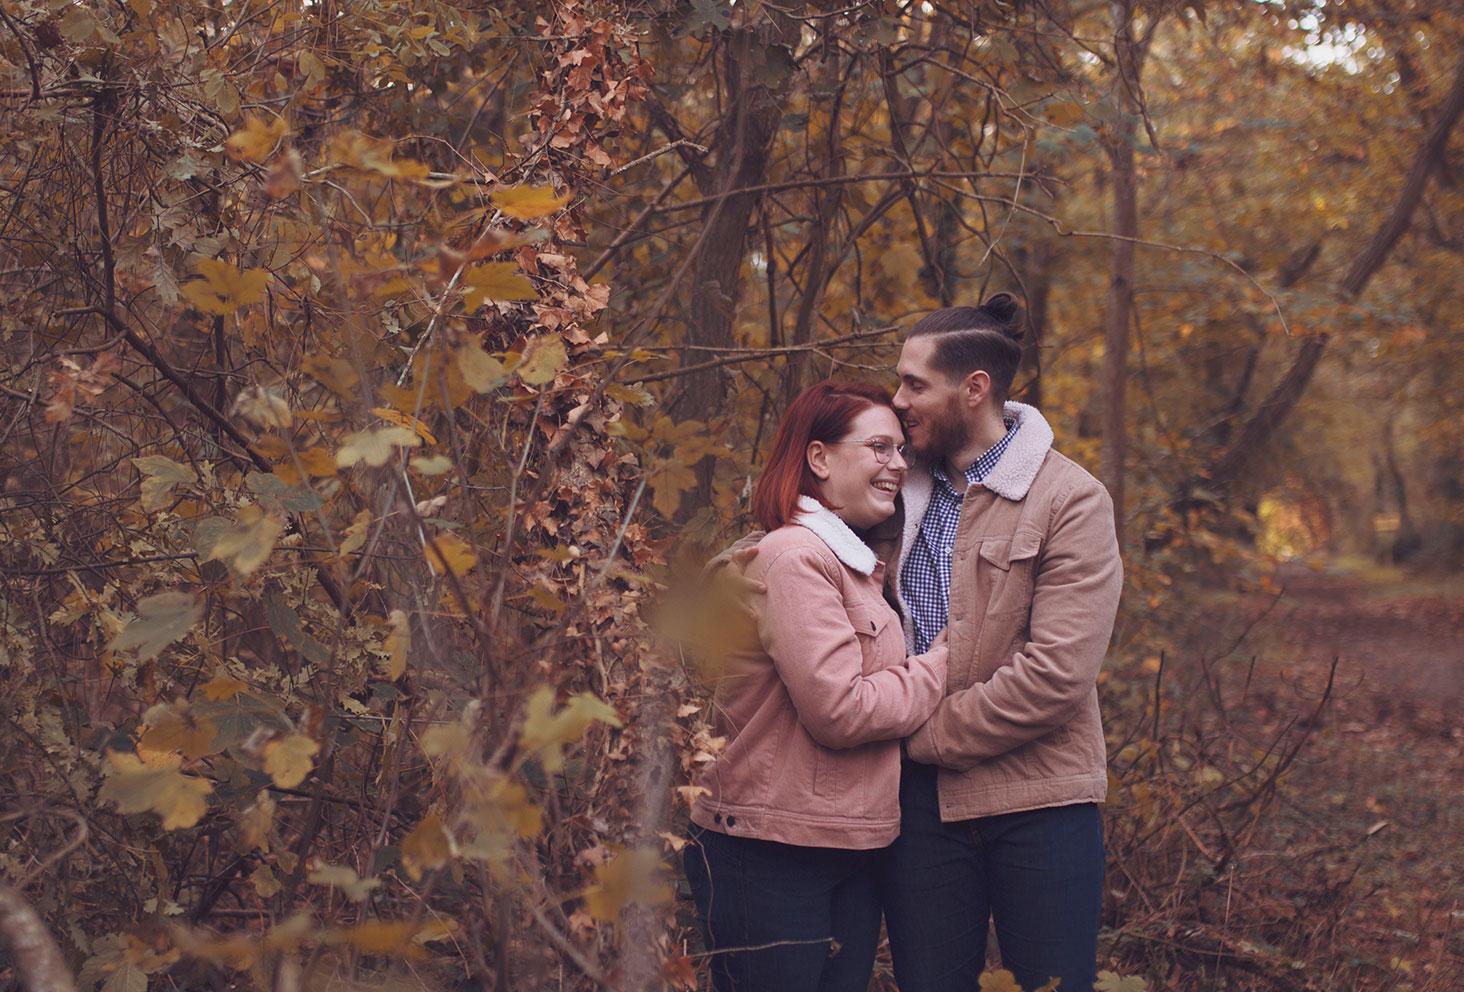 Photos en couple dans la forêt automnal, lors d'une balade au milieu des bois